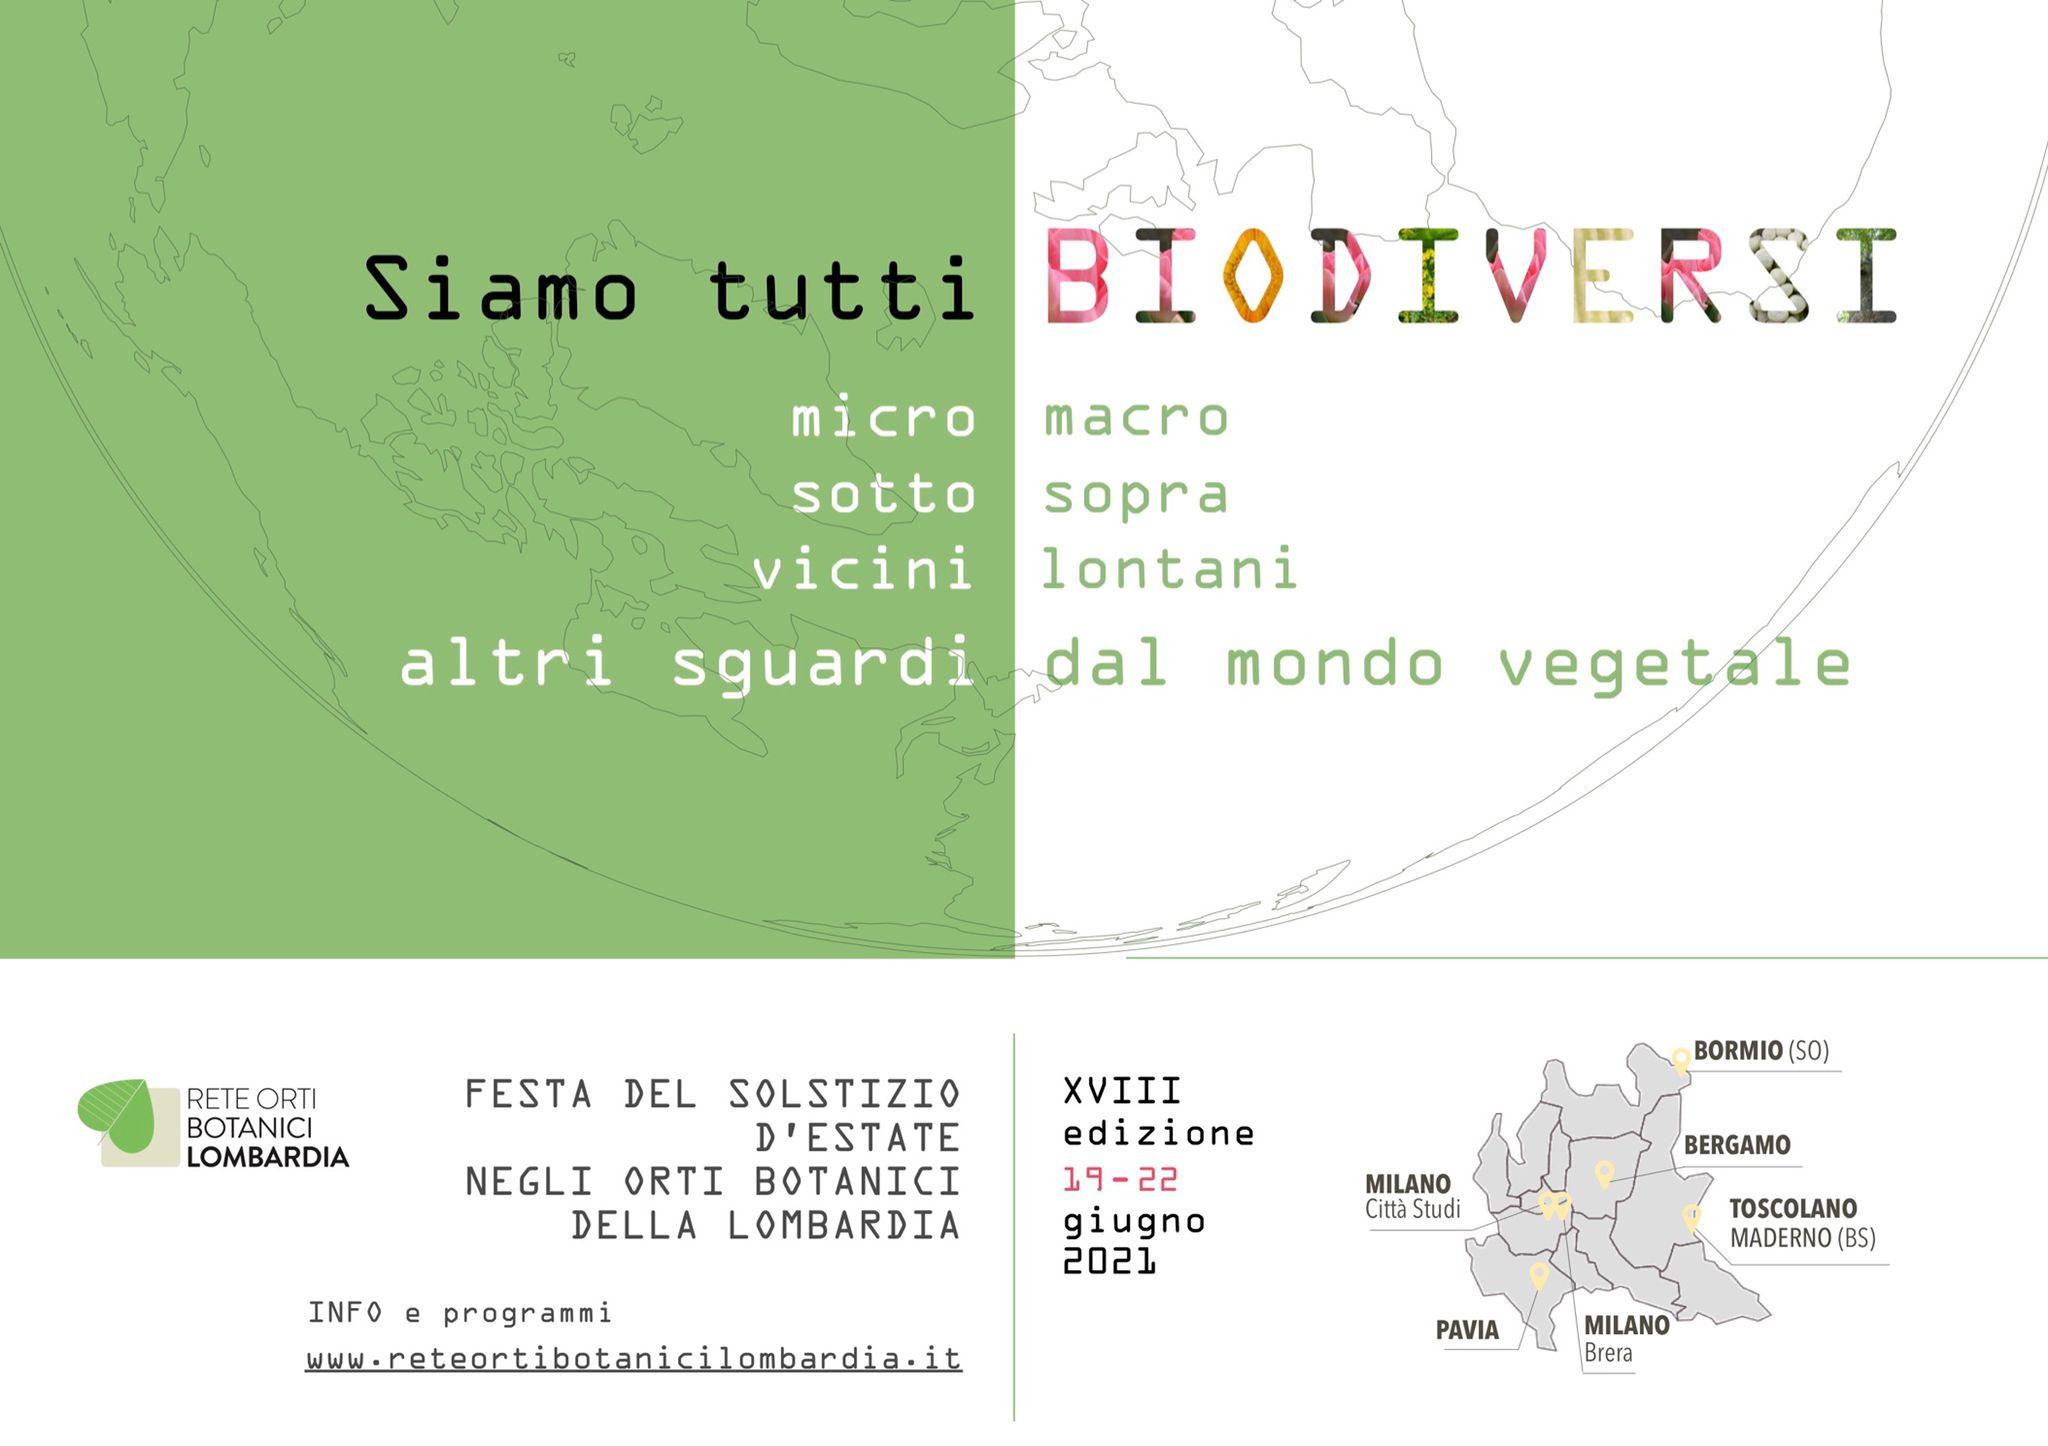 La rete degli orti botanici della Lombardia celebra il solstizio d'estate